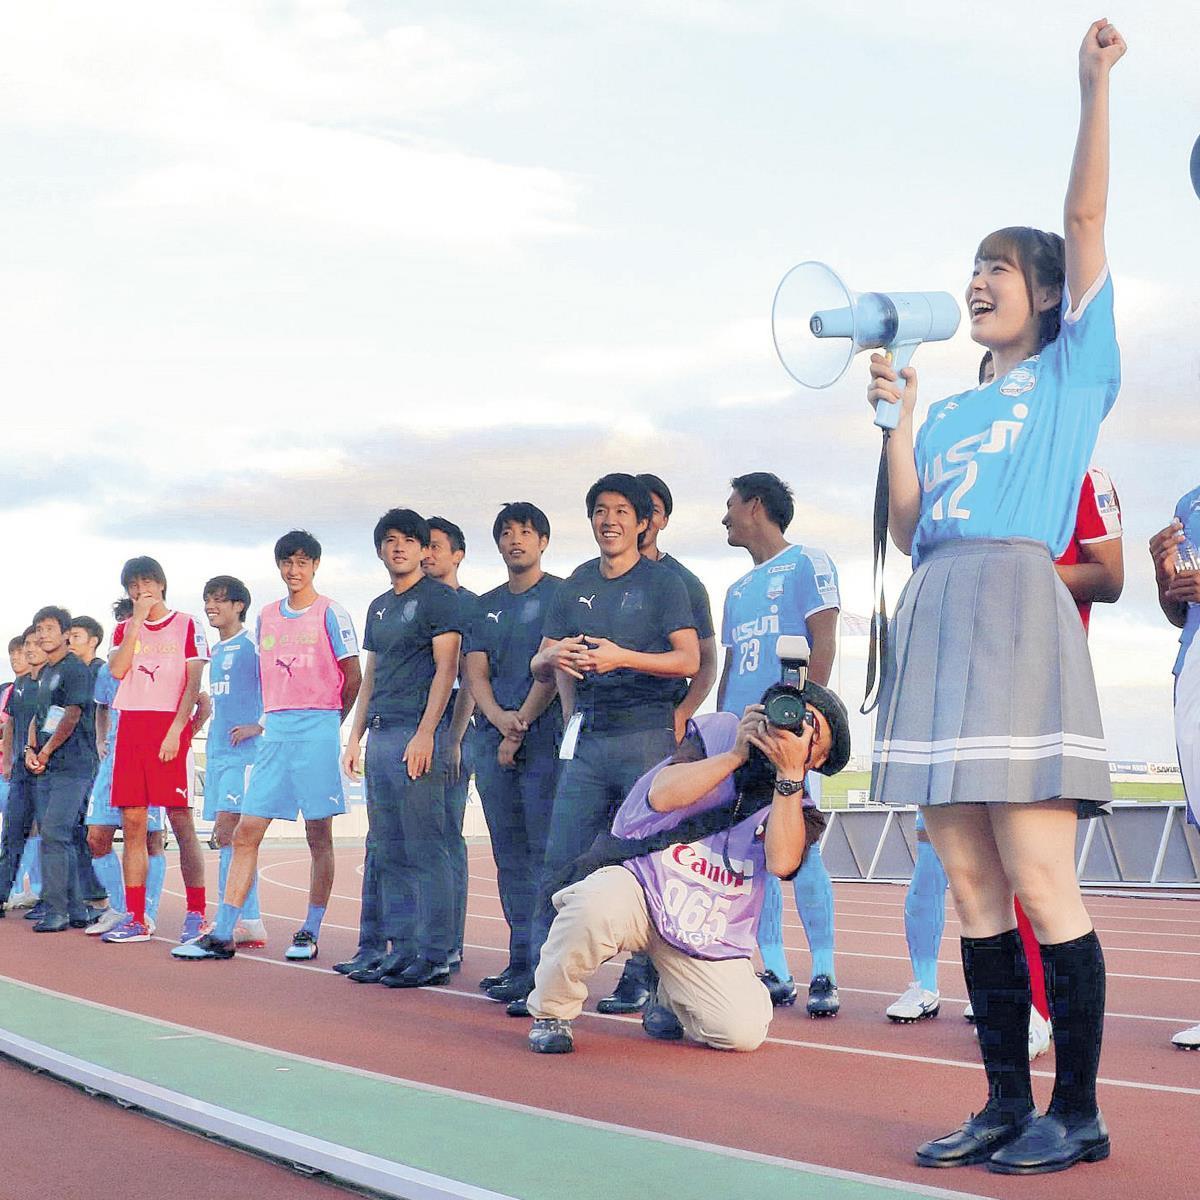 J3沼津勝利後、ラブライブ!サンシャイン!の国木田花丸役の高槻かなこがサポーターに「アスルクラロ最高ずらー!」と叫ぶ